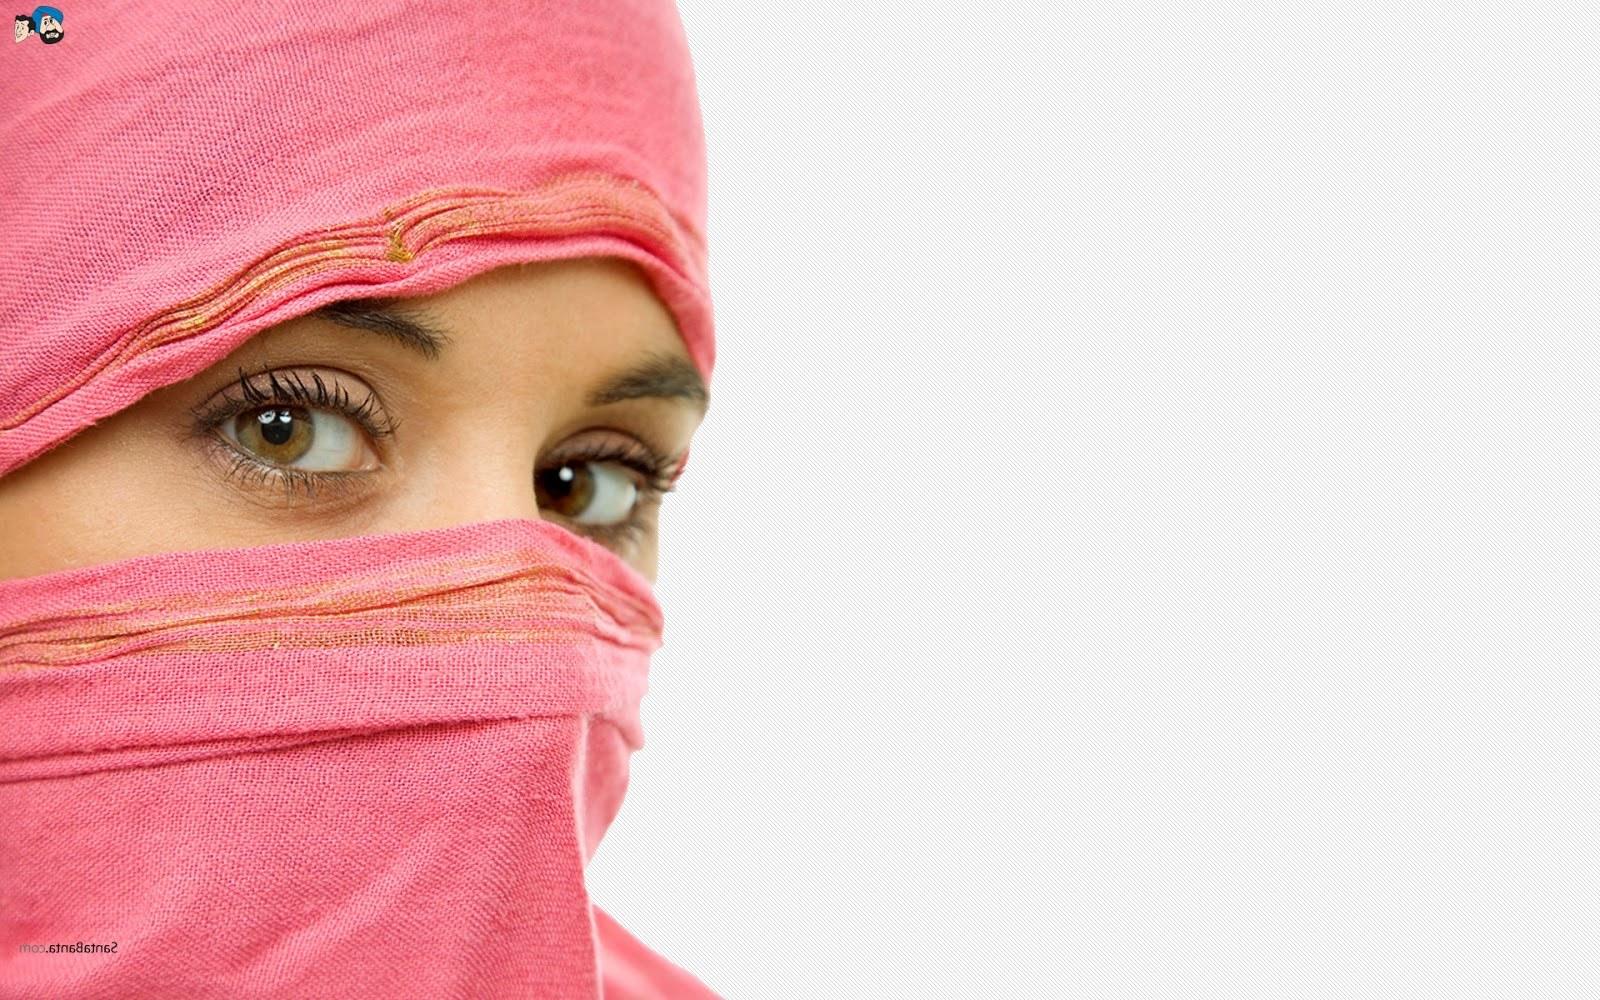 Ide Muslimah Bercadar Tqd3 Koleksi Wallpaper Wanita Muslimah Bercadar Fauzi Blog